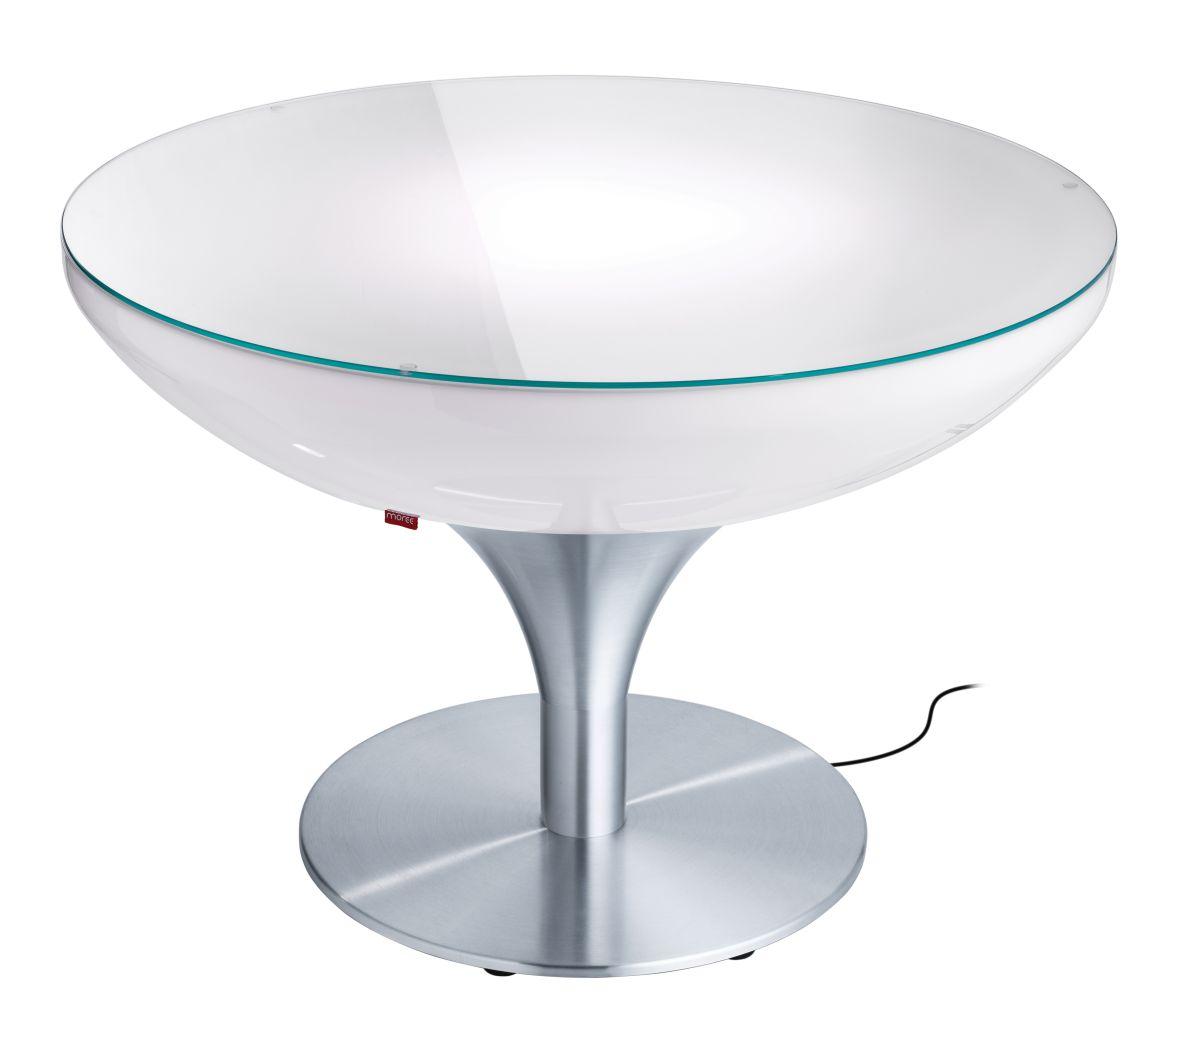 Image moree lounge 55 led pro verlichte bijzettafel for Professional home design 7 0